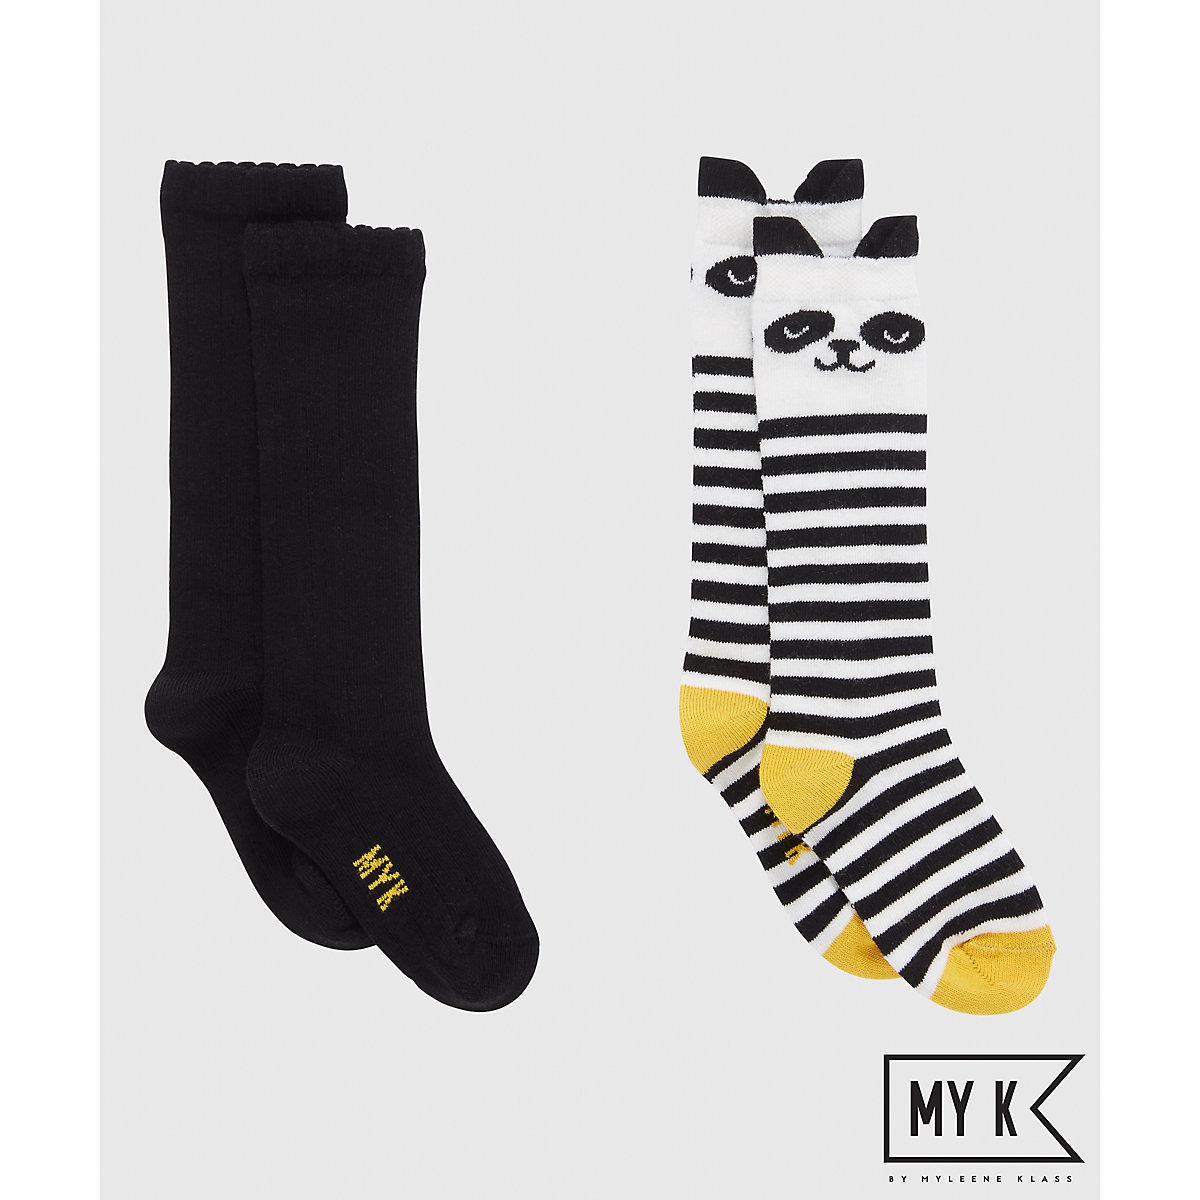 My K Knee High Socks   2 Pack